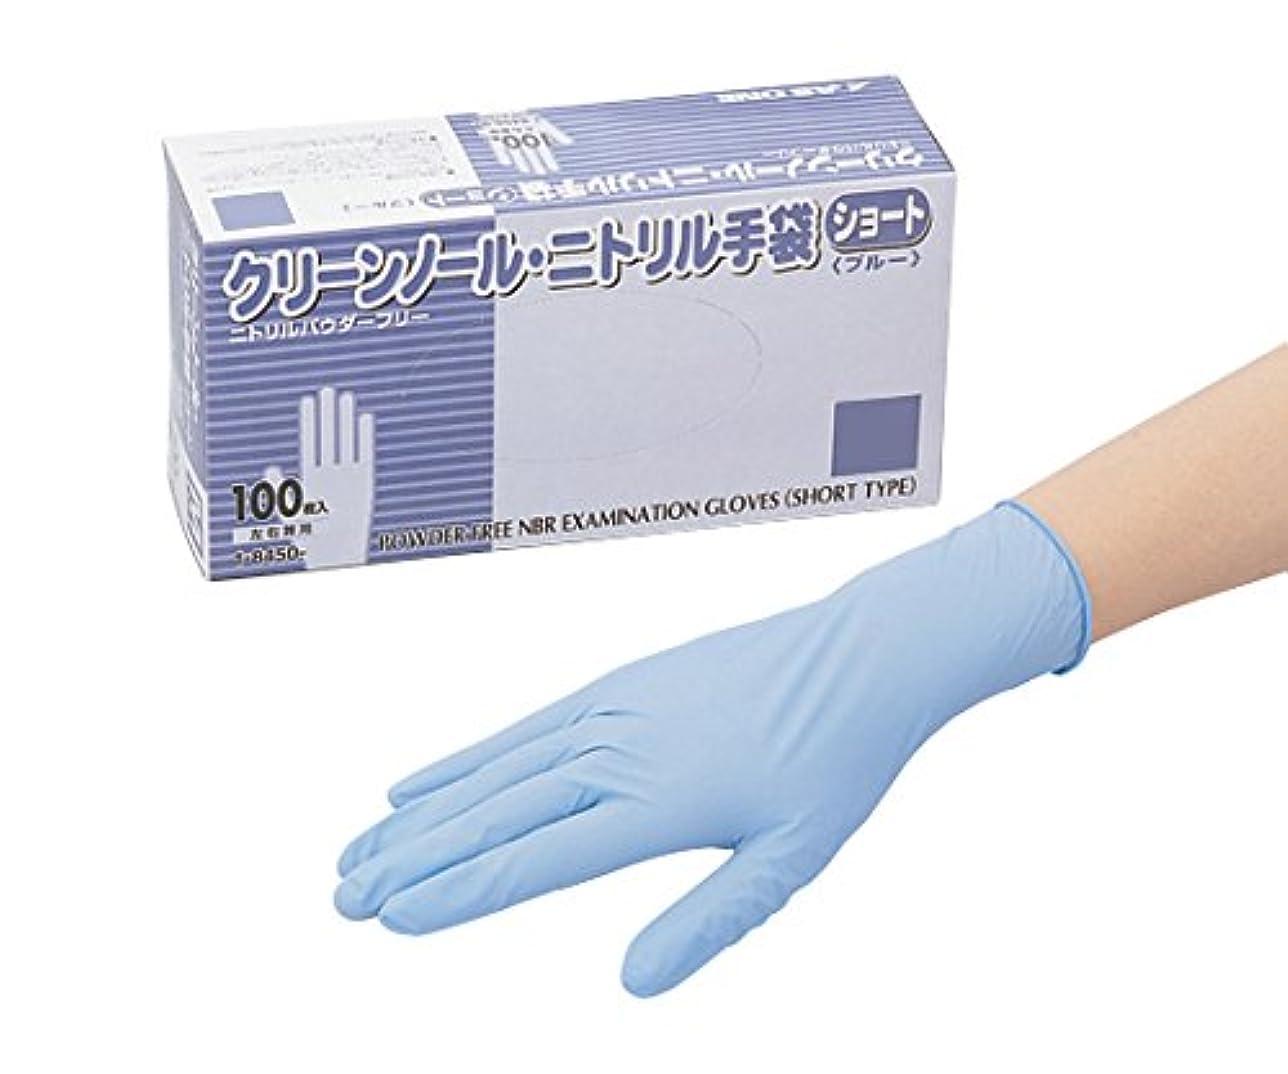 作るすり核アズワン1-8450-22クリーンノールニトリル手袋ショート(パウダーフリ-)ブルーM100枚入